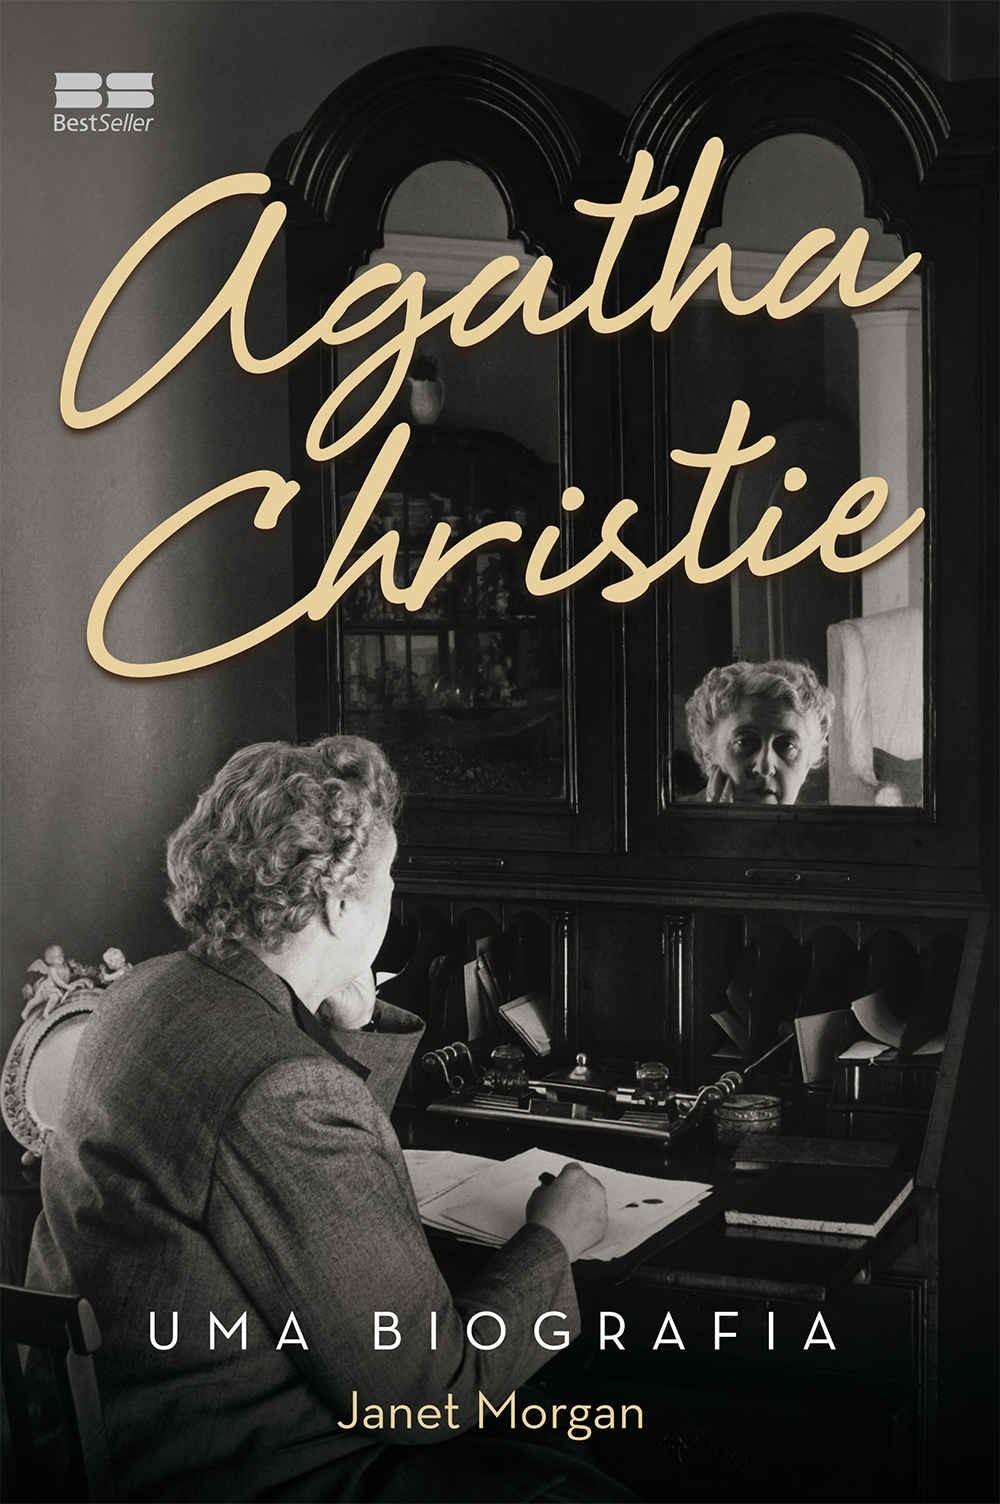 Biografia de Agatha Christie (Foto: Divulgação)